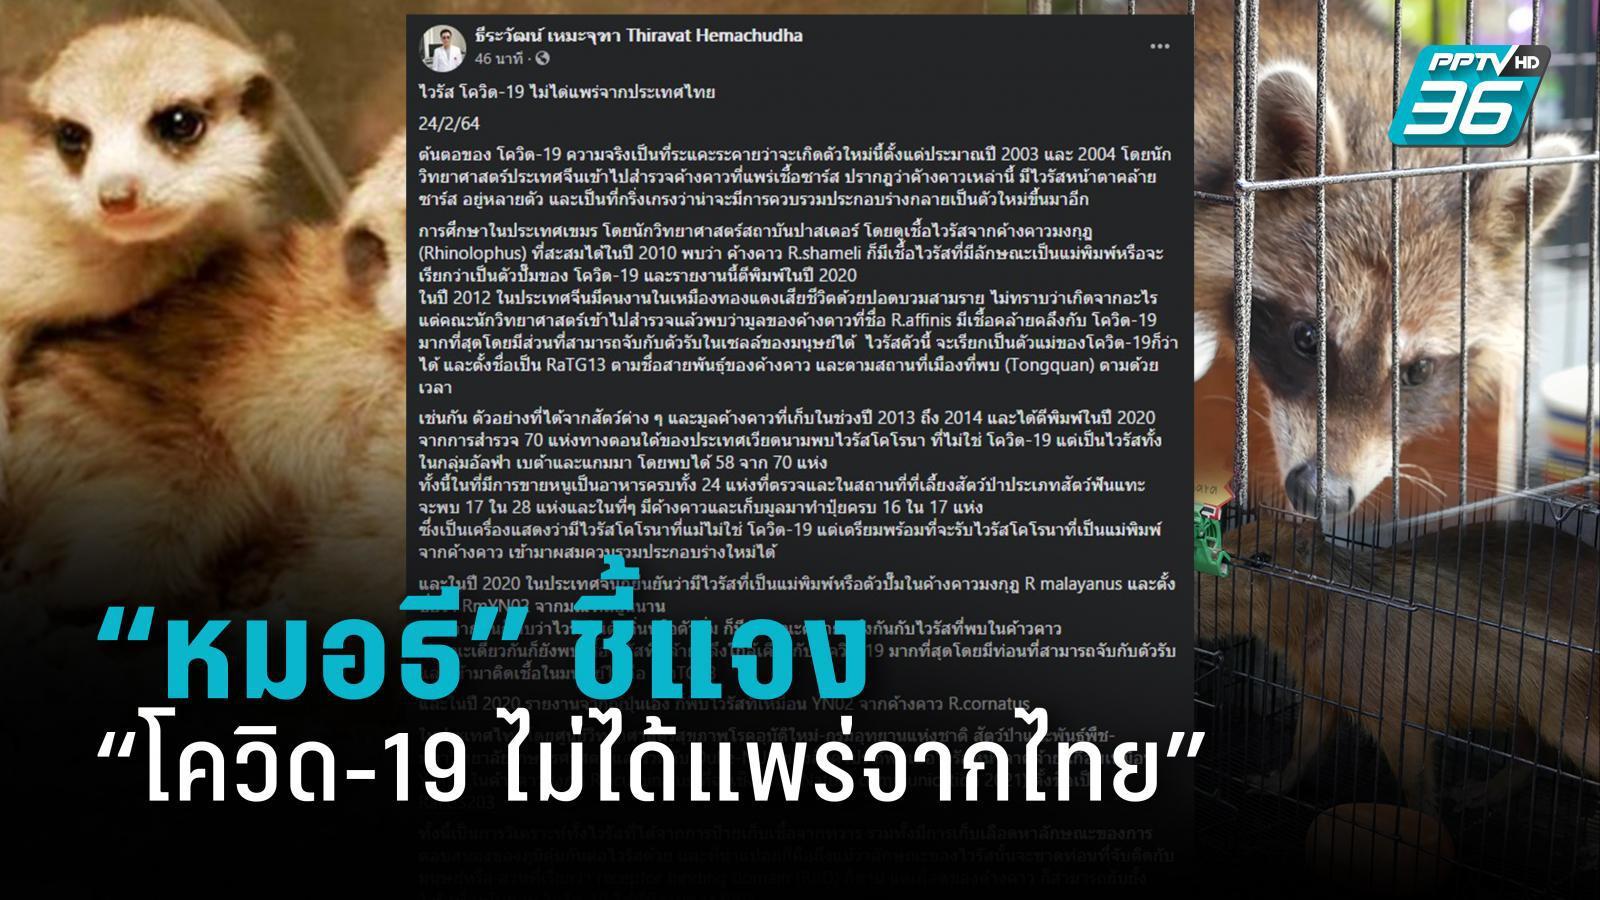 """ข้อมูลจาก """"หมอธี"""" ต้นตอโควิด-19 ไม่ได้แพร่จากไทย"""